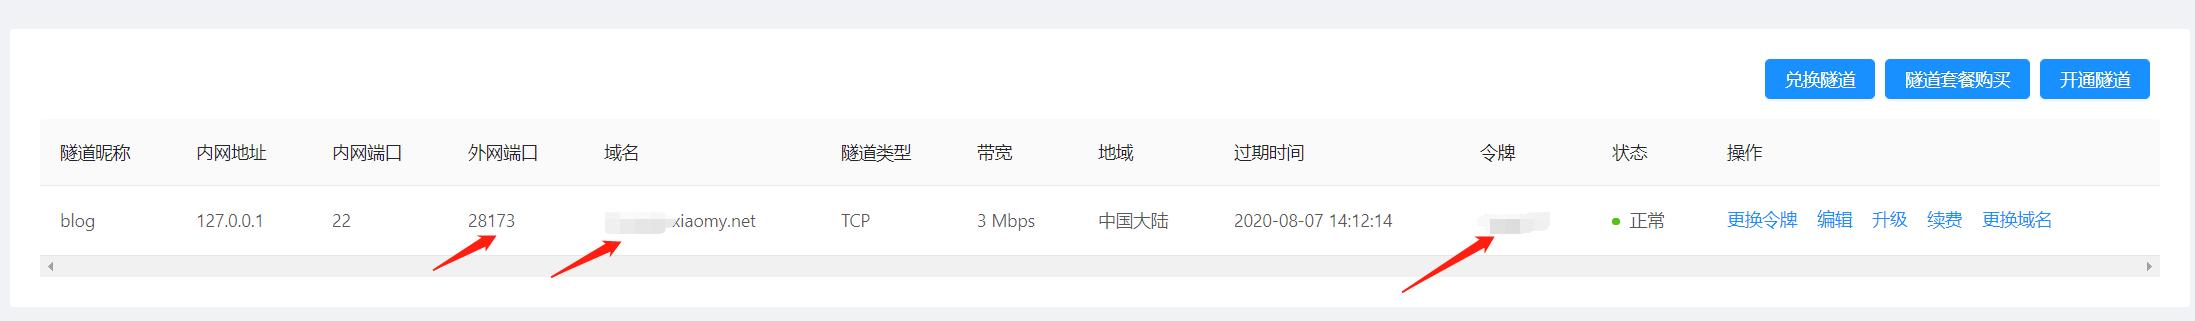 免费内网穿透工具;树莓派利用网云穿内网穿透实现建站与维护,无需服务器 7